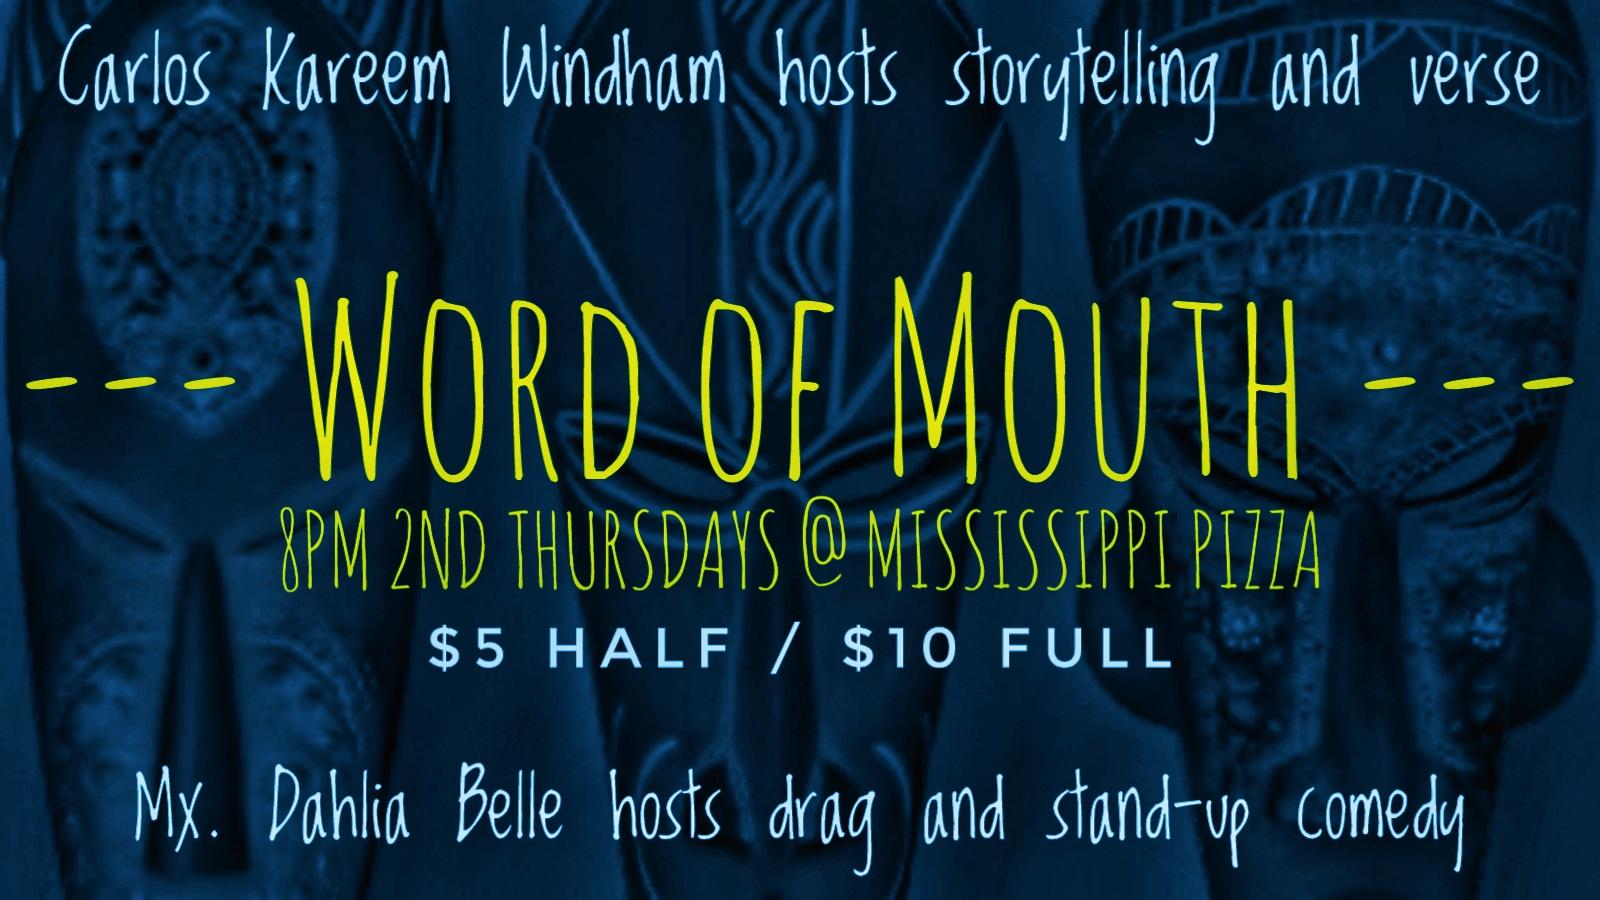 Carlos Kareem Windham & Mx. Dahlia Delu Belle present: Word of Mouth